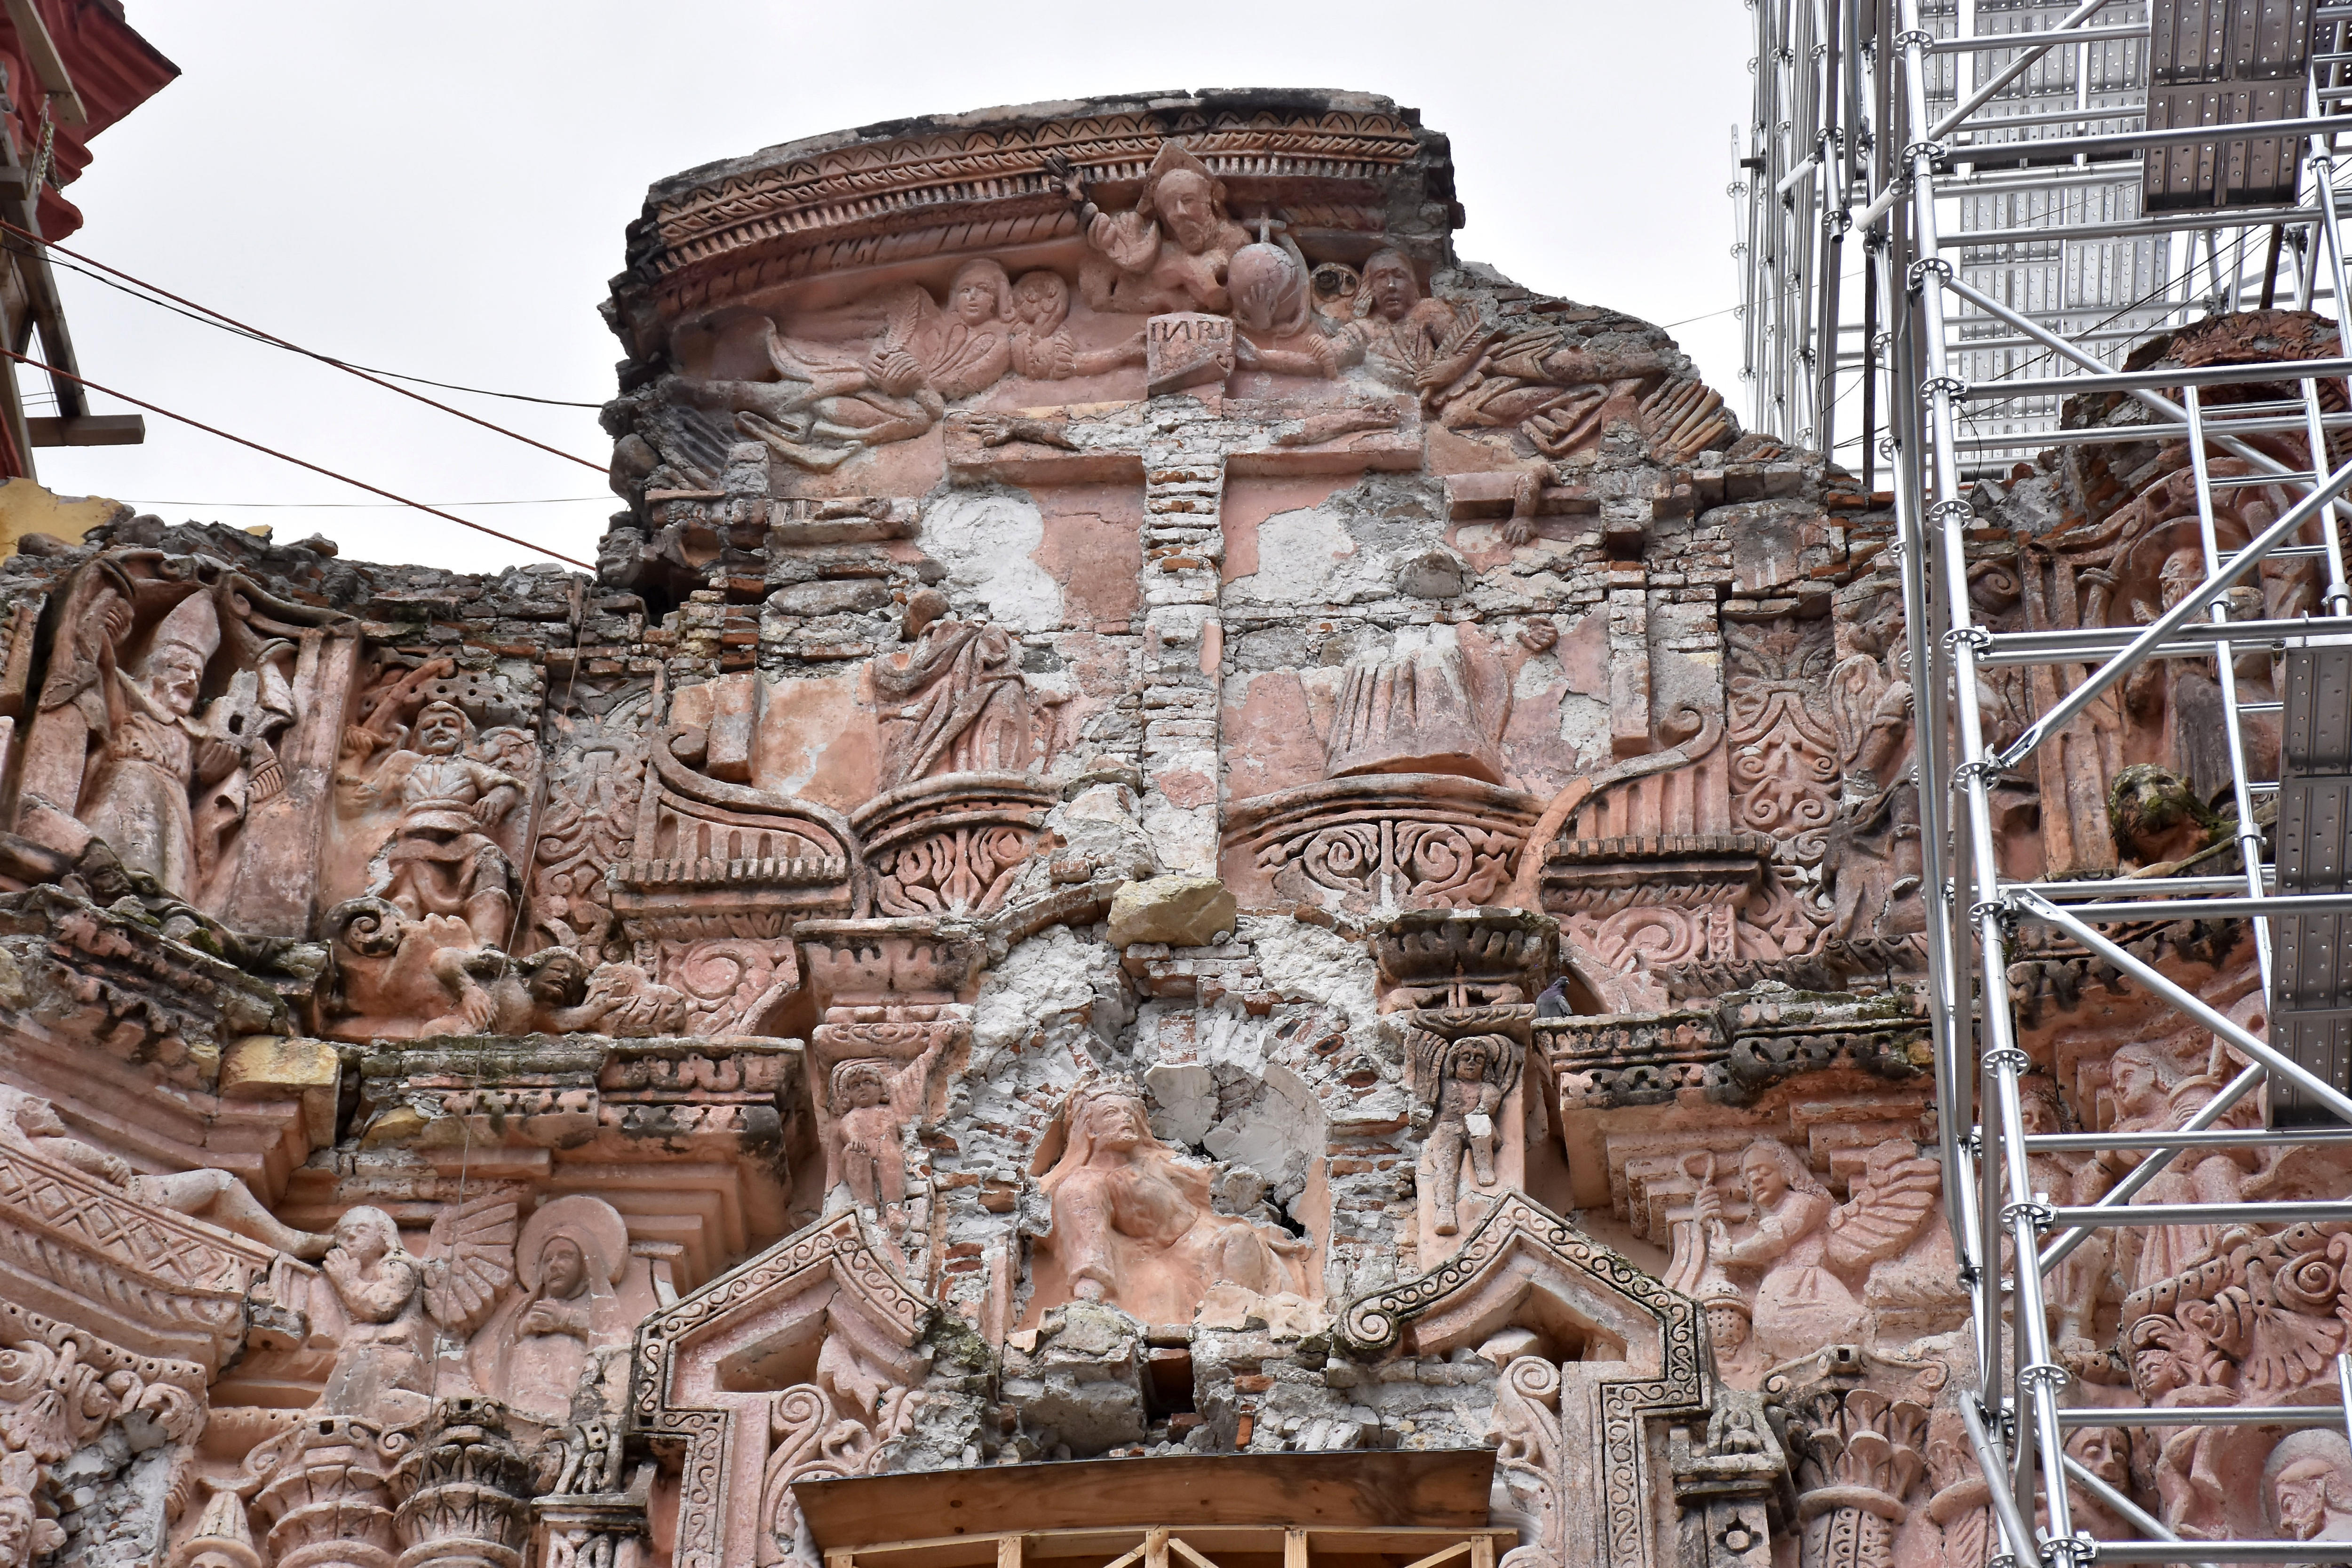 Avanza con lentitud restauración patrimonio y ayuda a damnificados en México